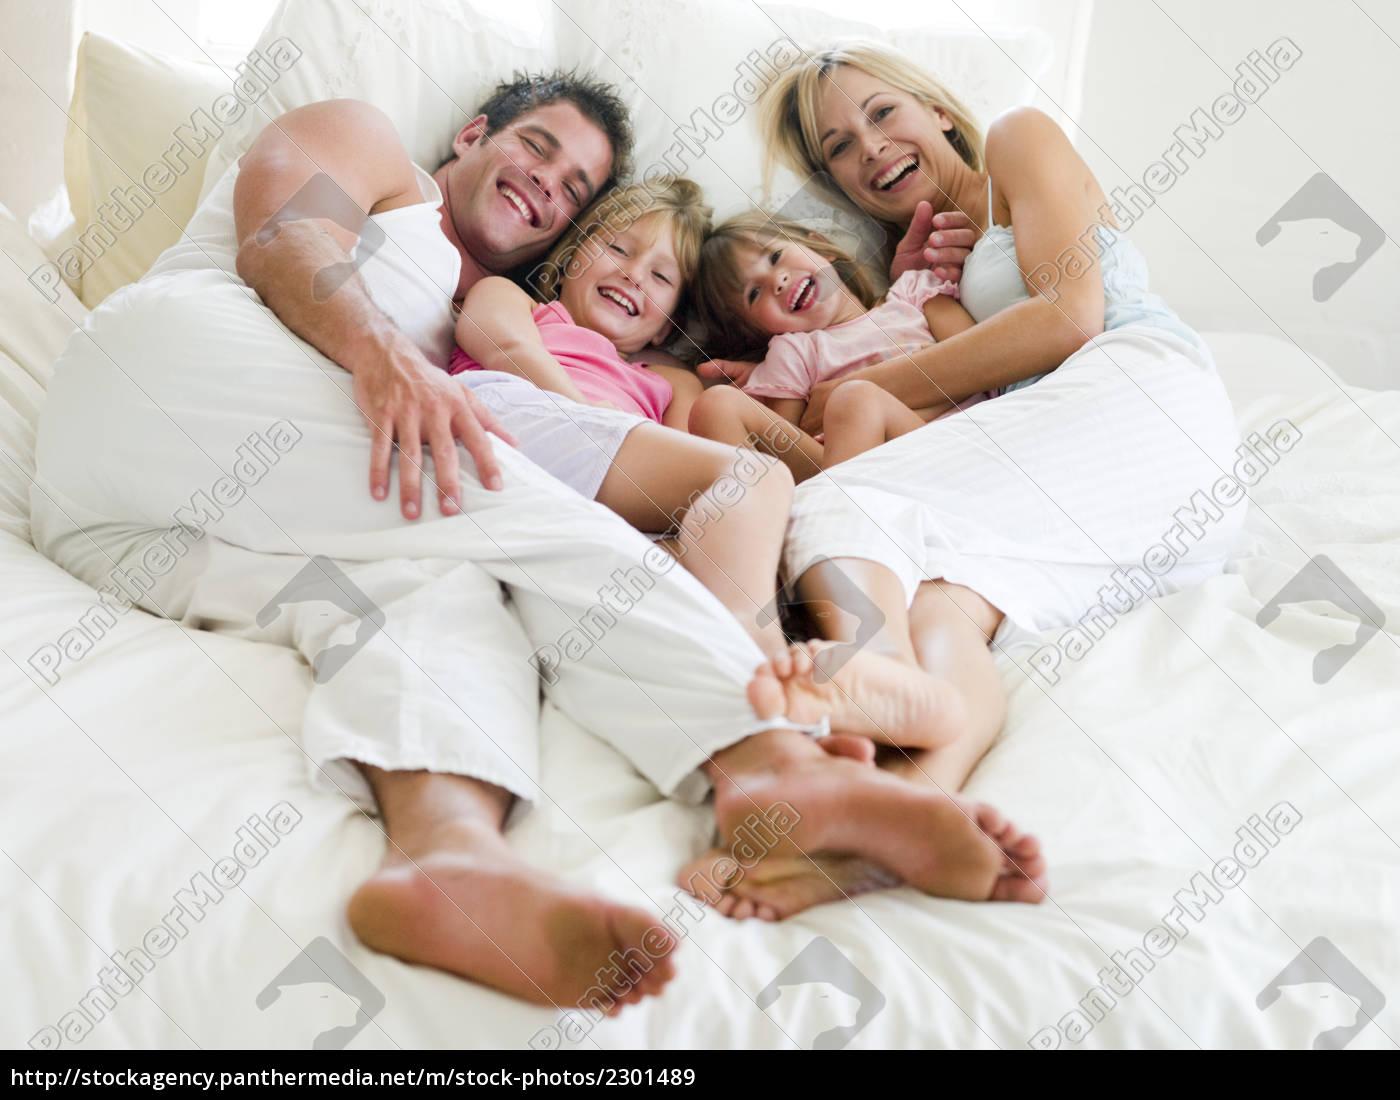 familie, im, bett, liegend, lächelnd - 2301489